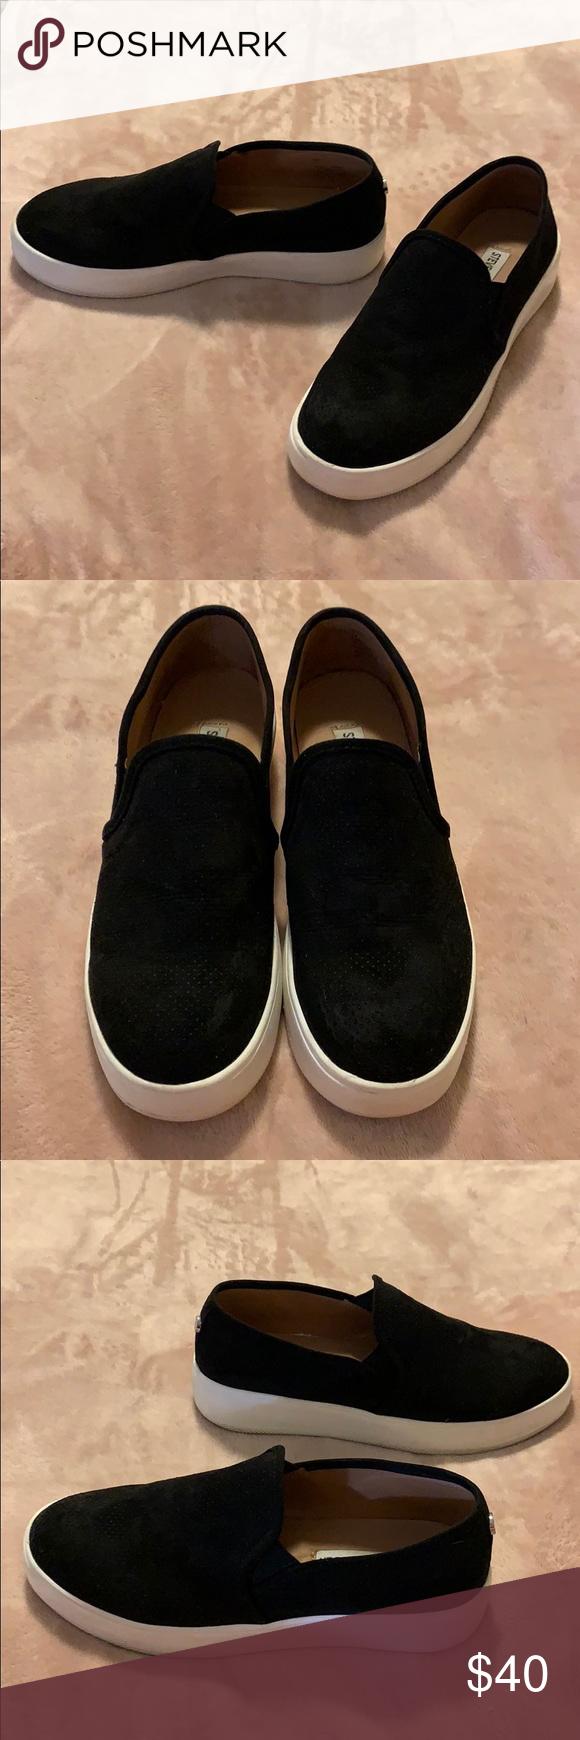 c634126c687 Steve Madden Gracy Slip On Steve Madden gracy style slip ons. Excellent  condition. Steve Madden Shoes